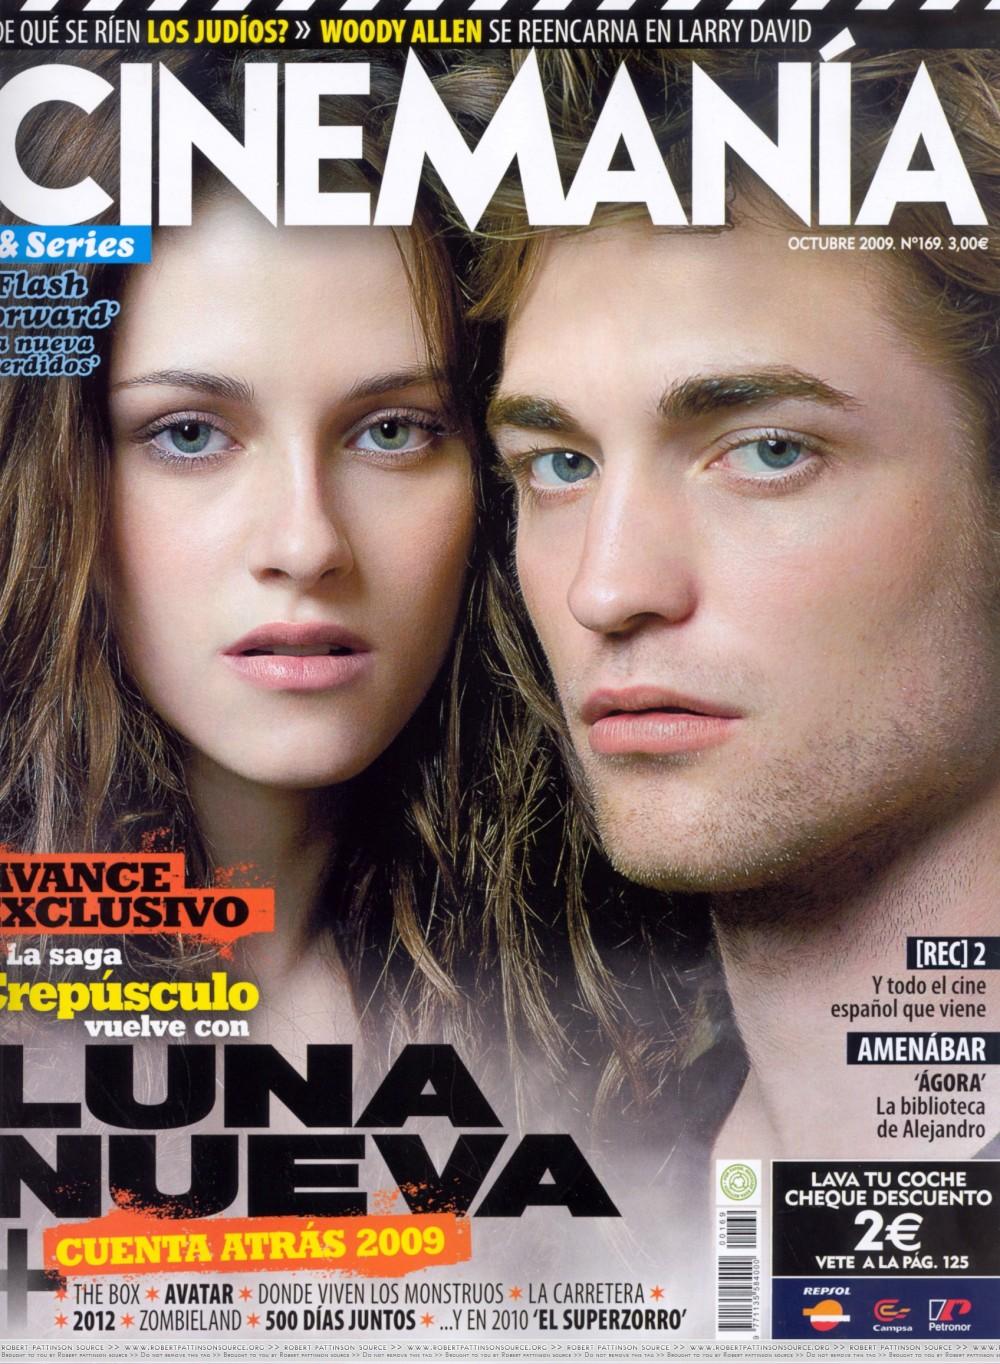 Cinemania_001